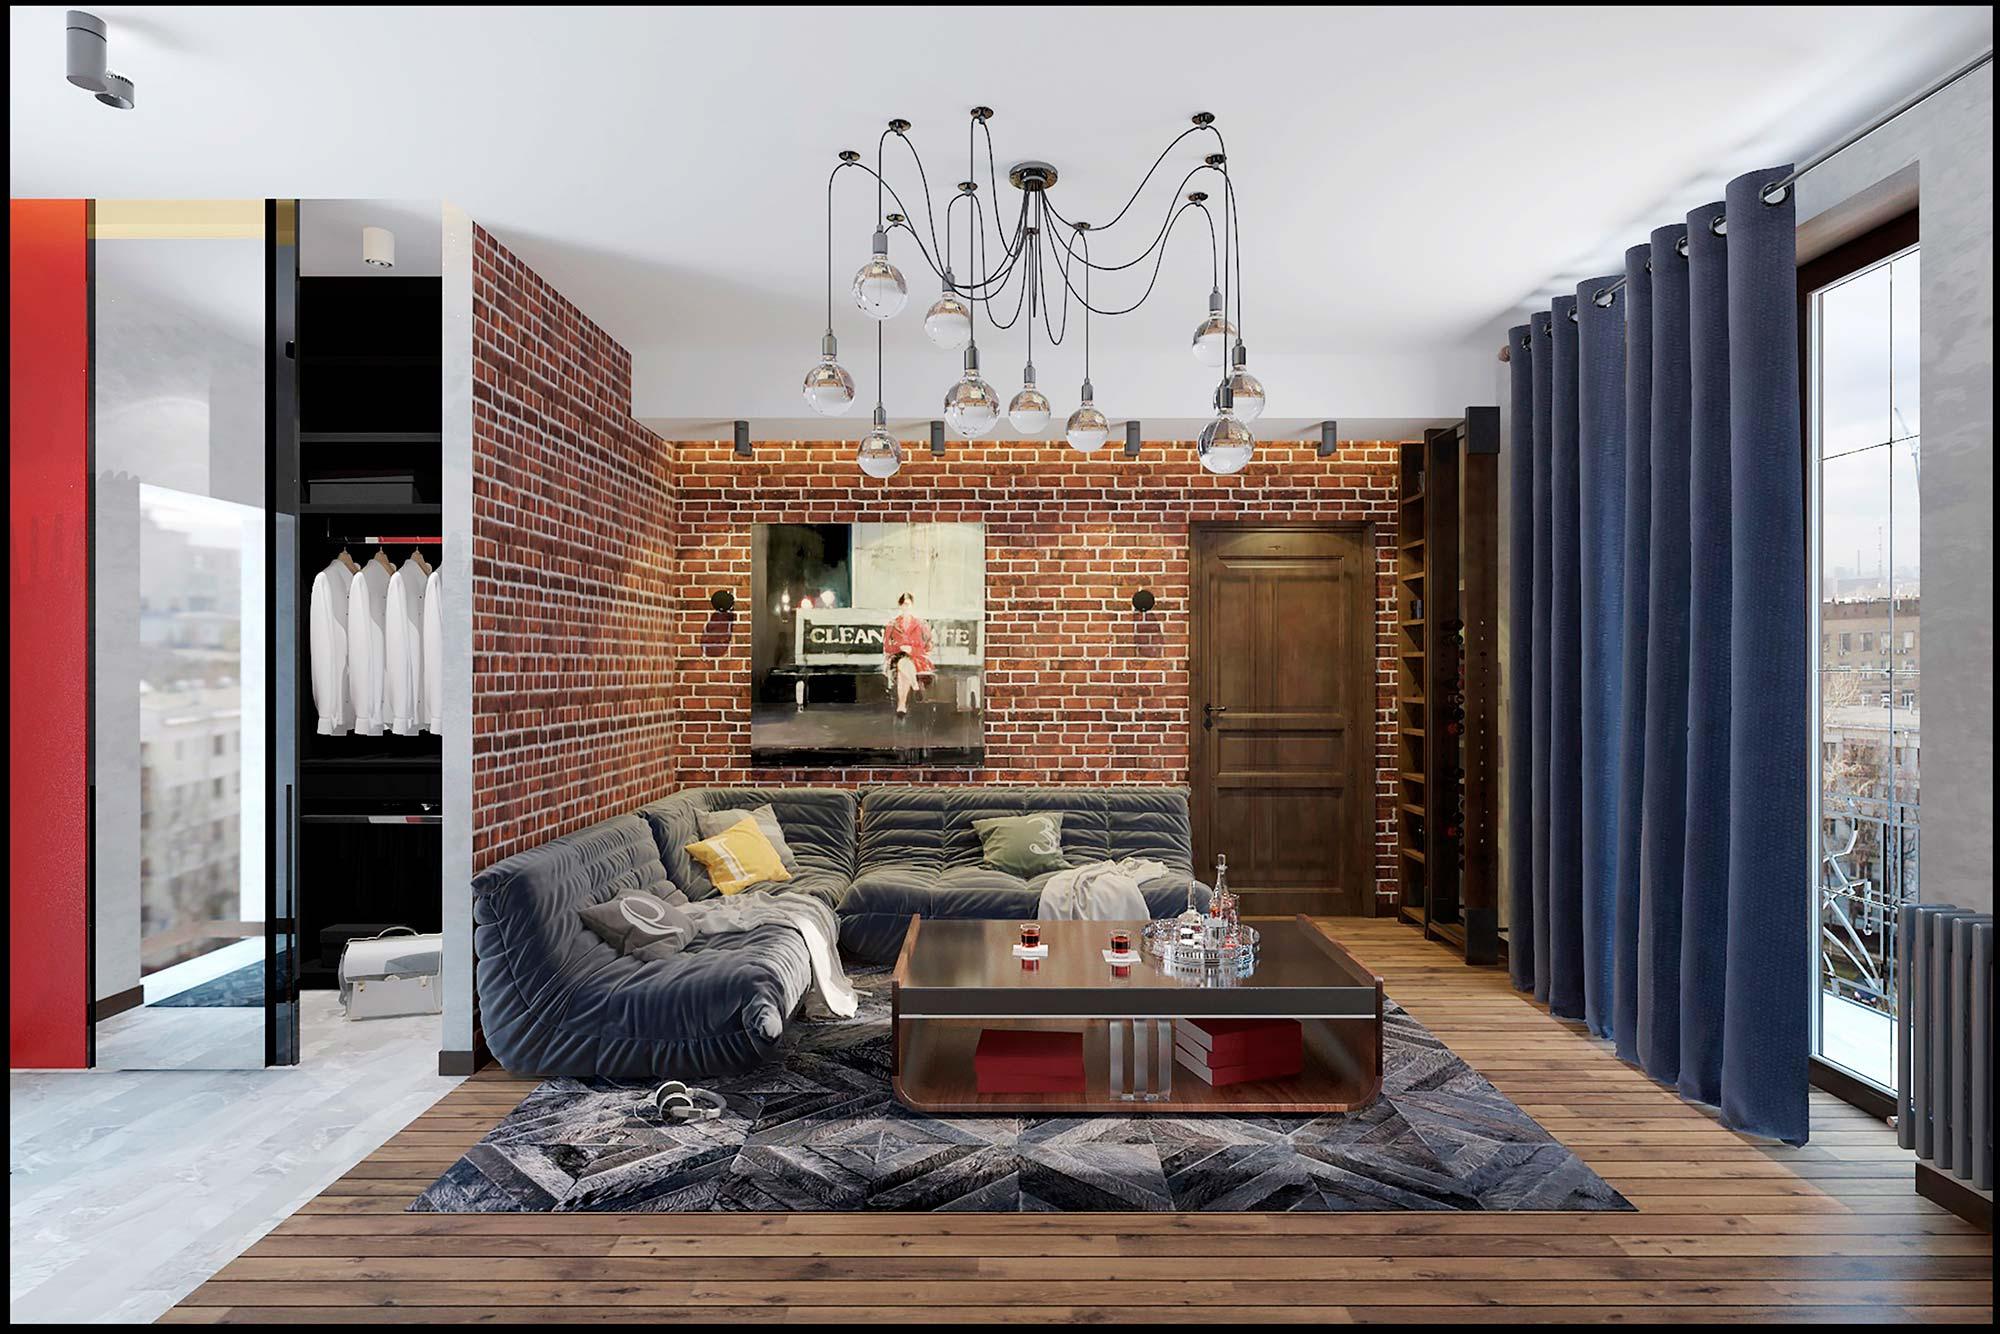 арт лофт дизайн квартиры фото днях городе открылись